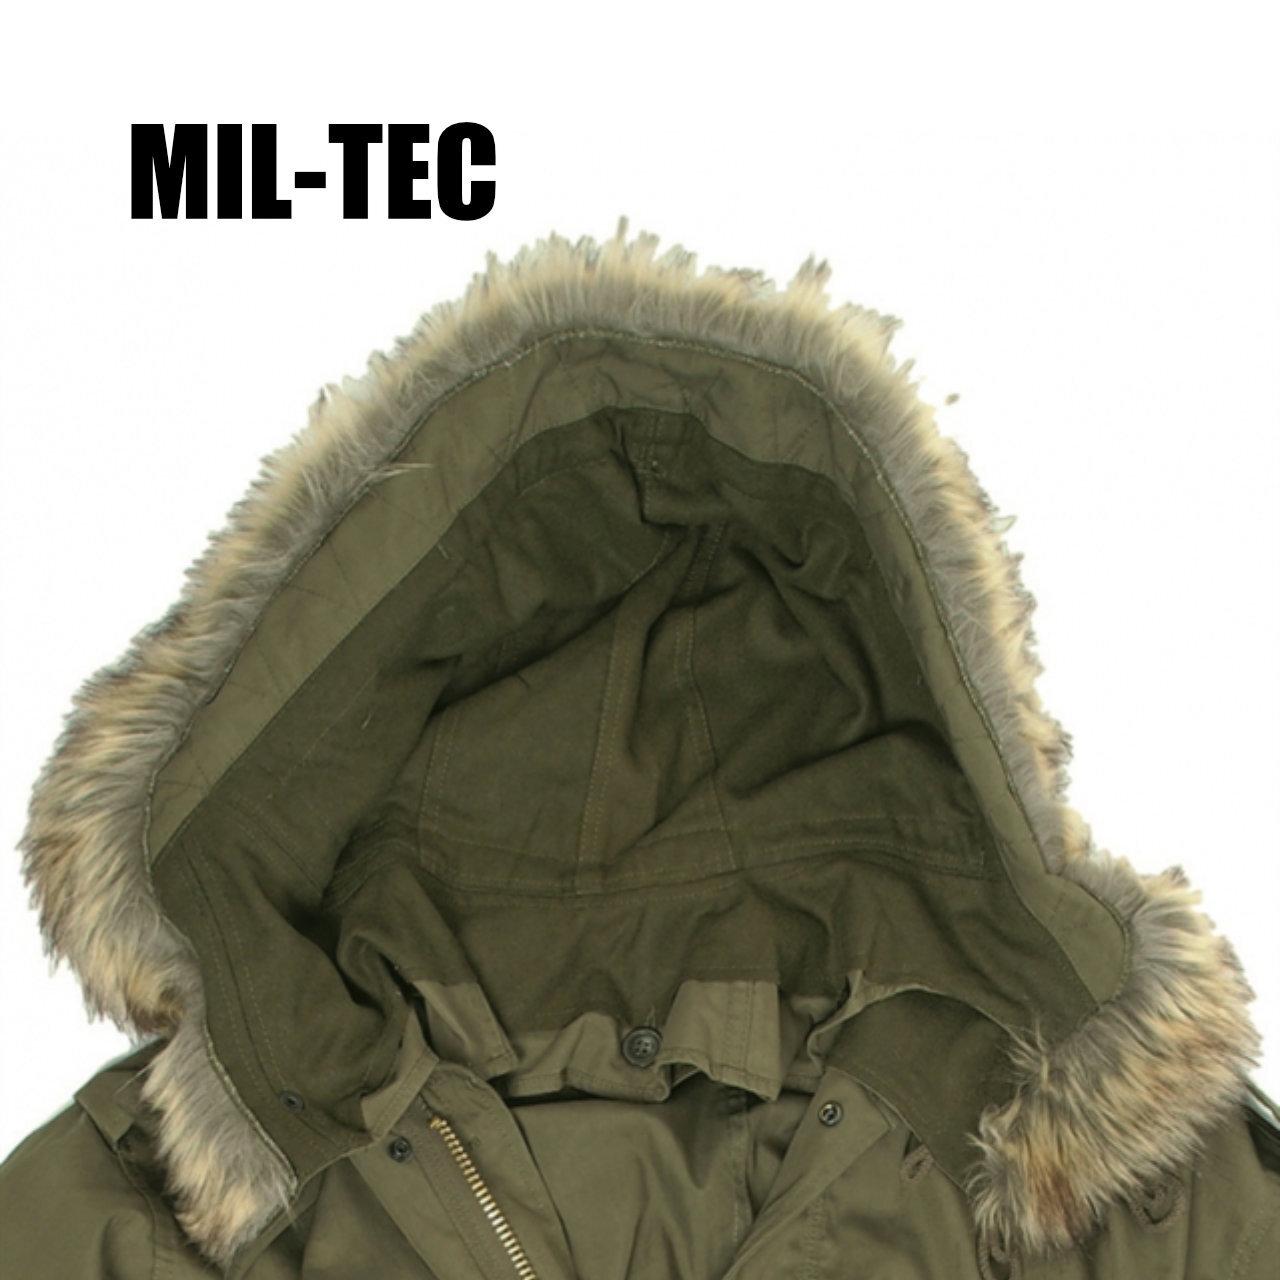 【MIL-TEC】 M-51 フィールドパーカ ファーフード 〈Olive Drab〉